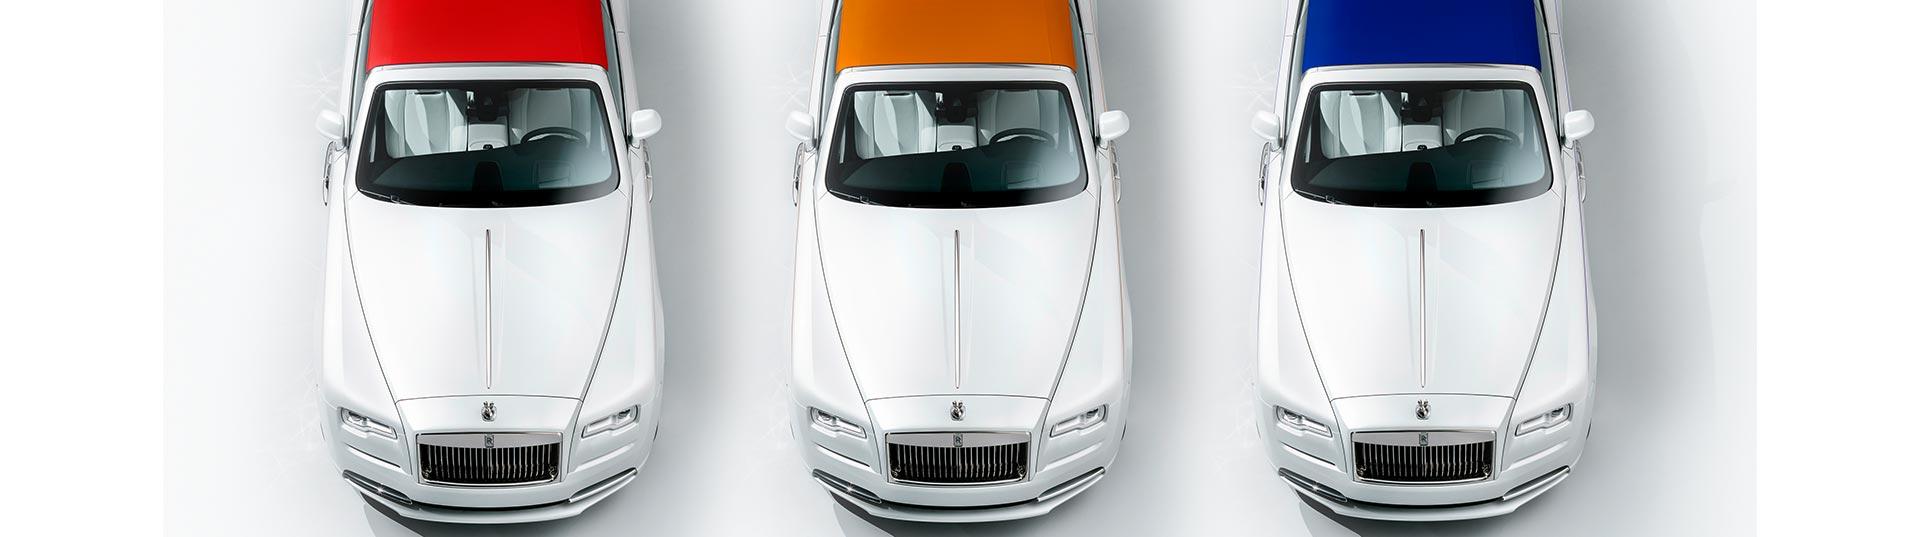 Rolls Royce apresenta linha de couture